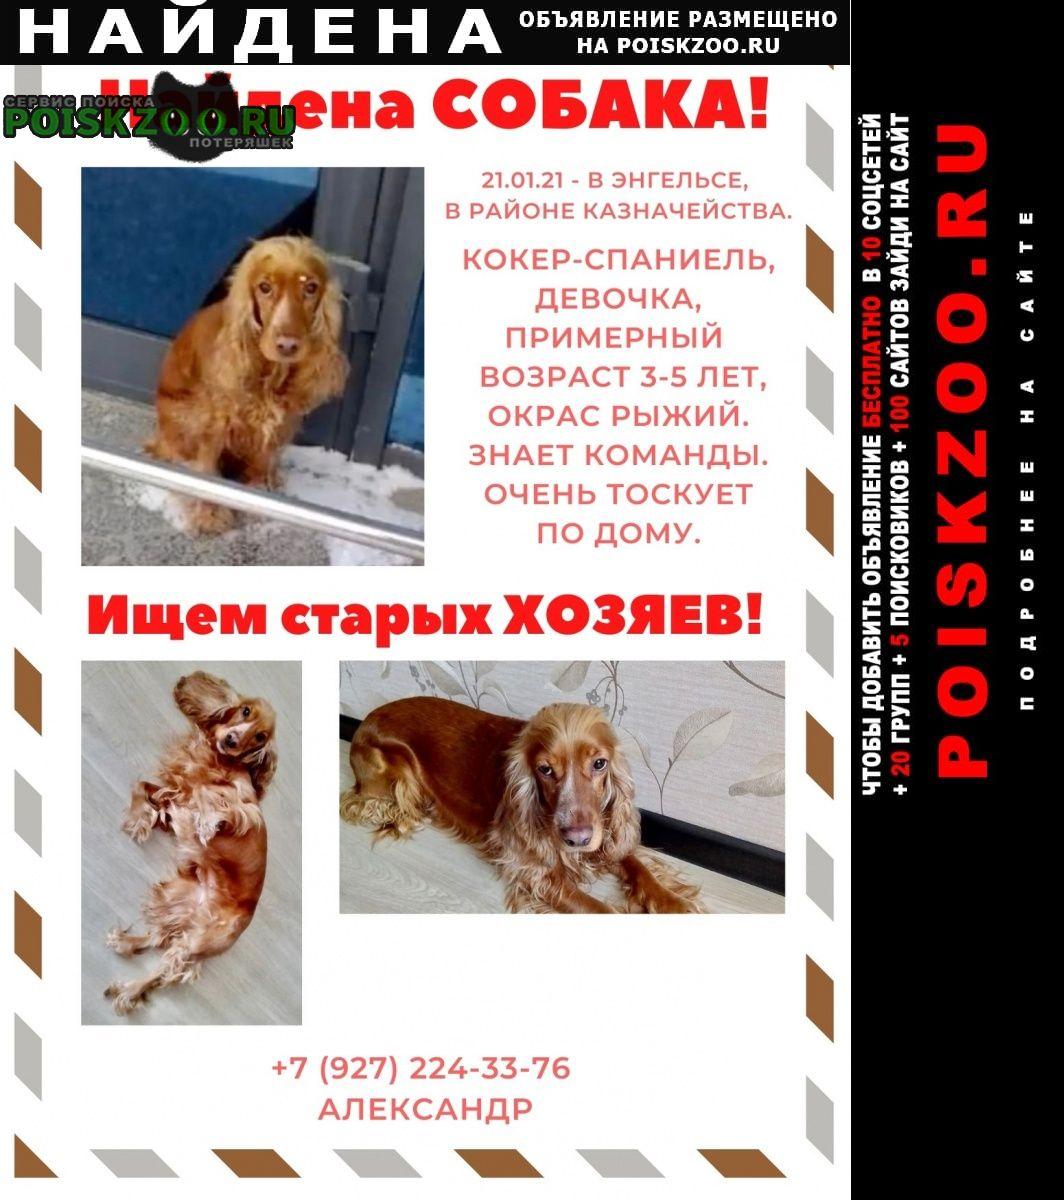 Найдена собака кокер спаниель Энгельс